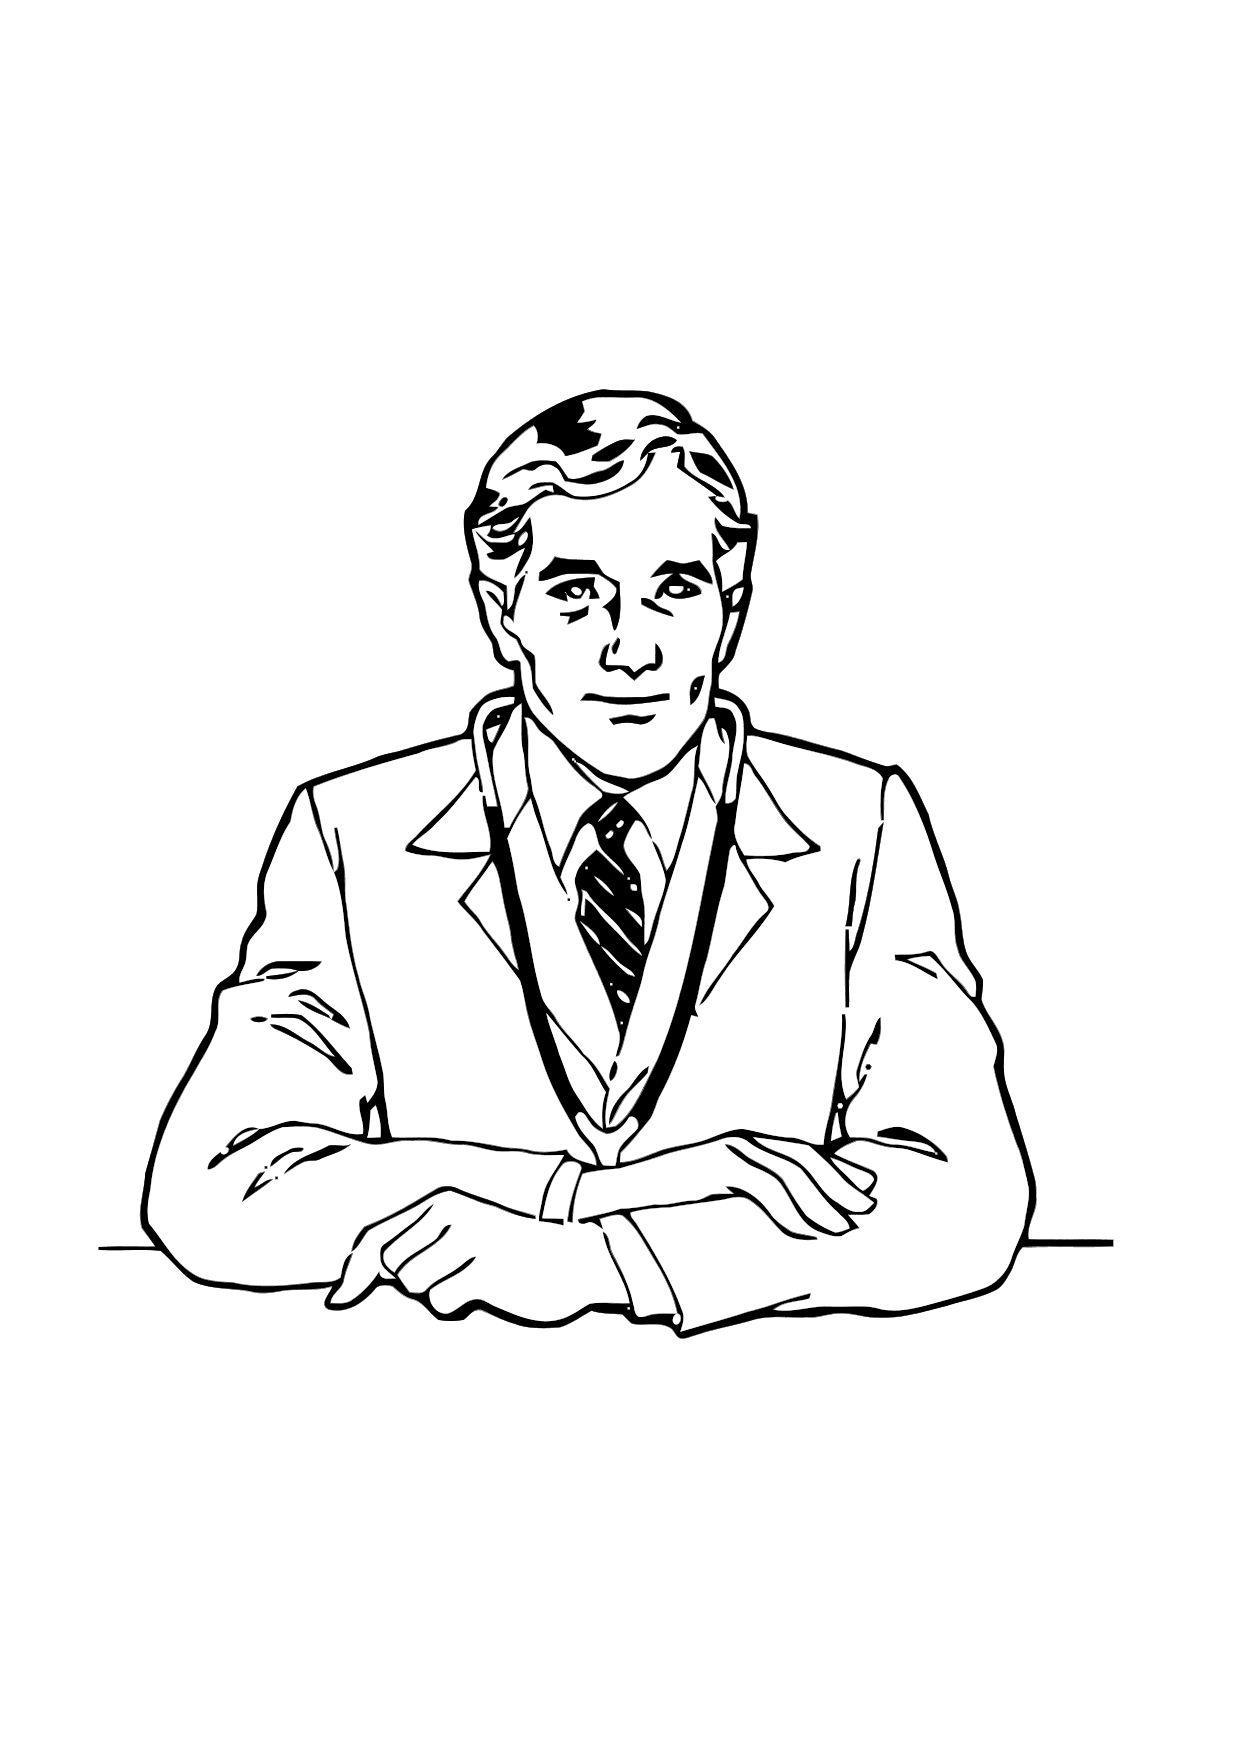 Vistoso Páginas Profesionales Para Colorear Modelo - Dibujos Para ...